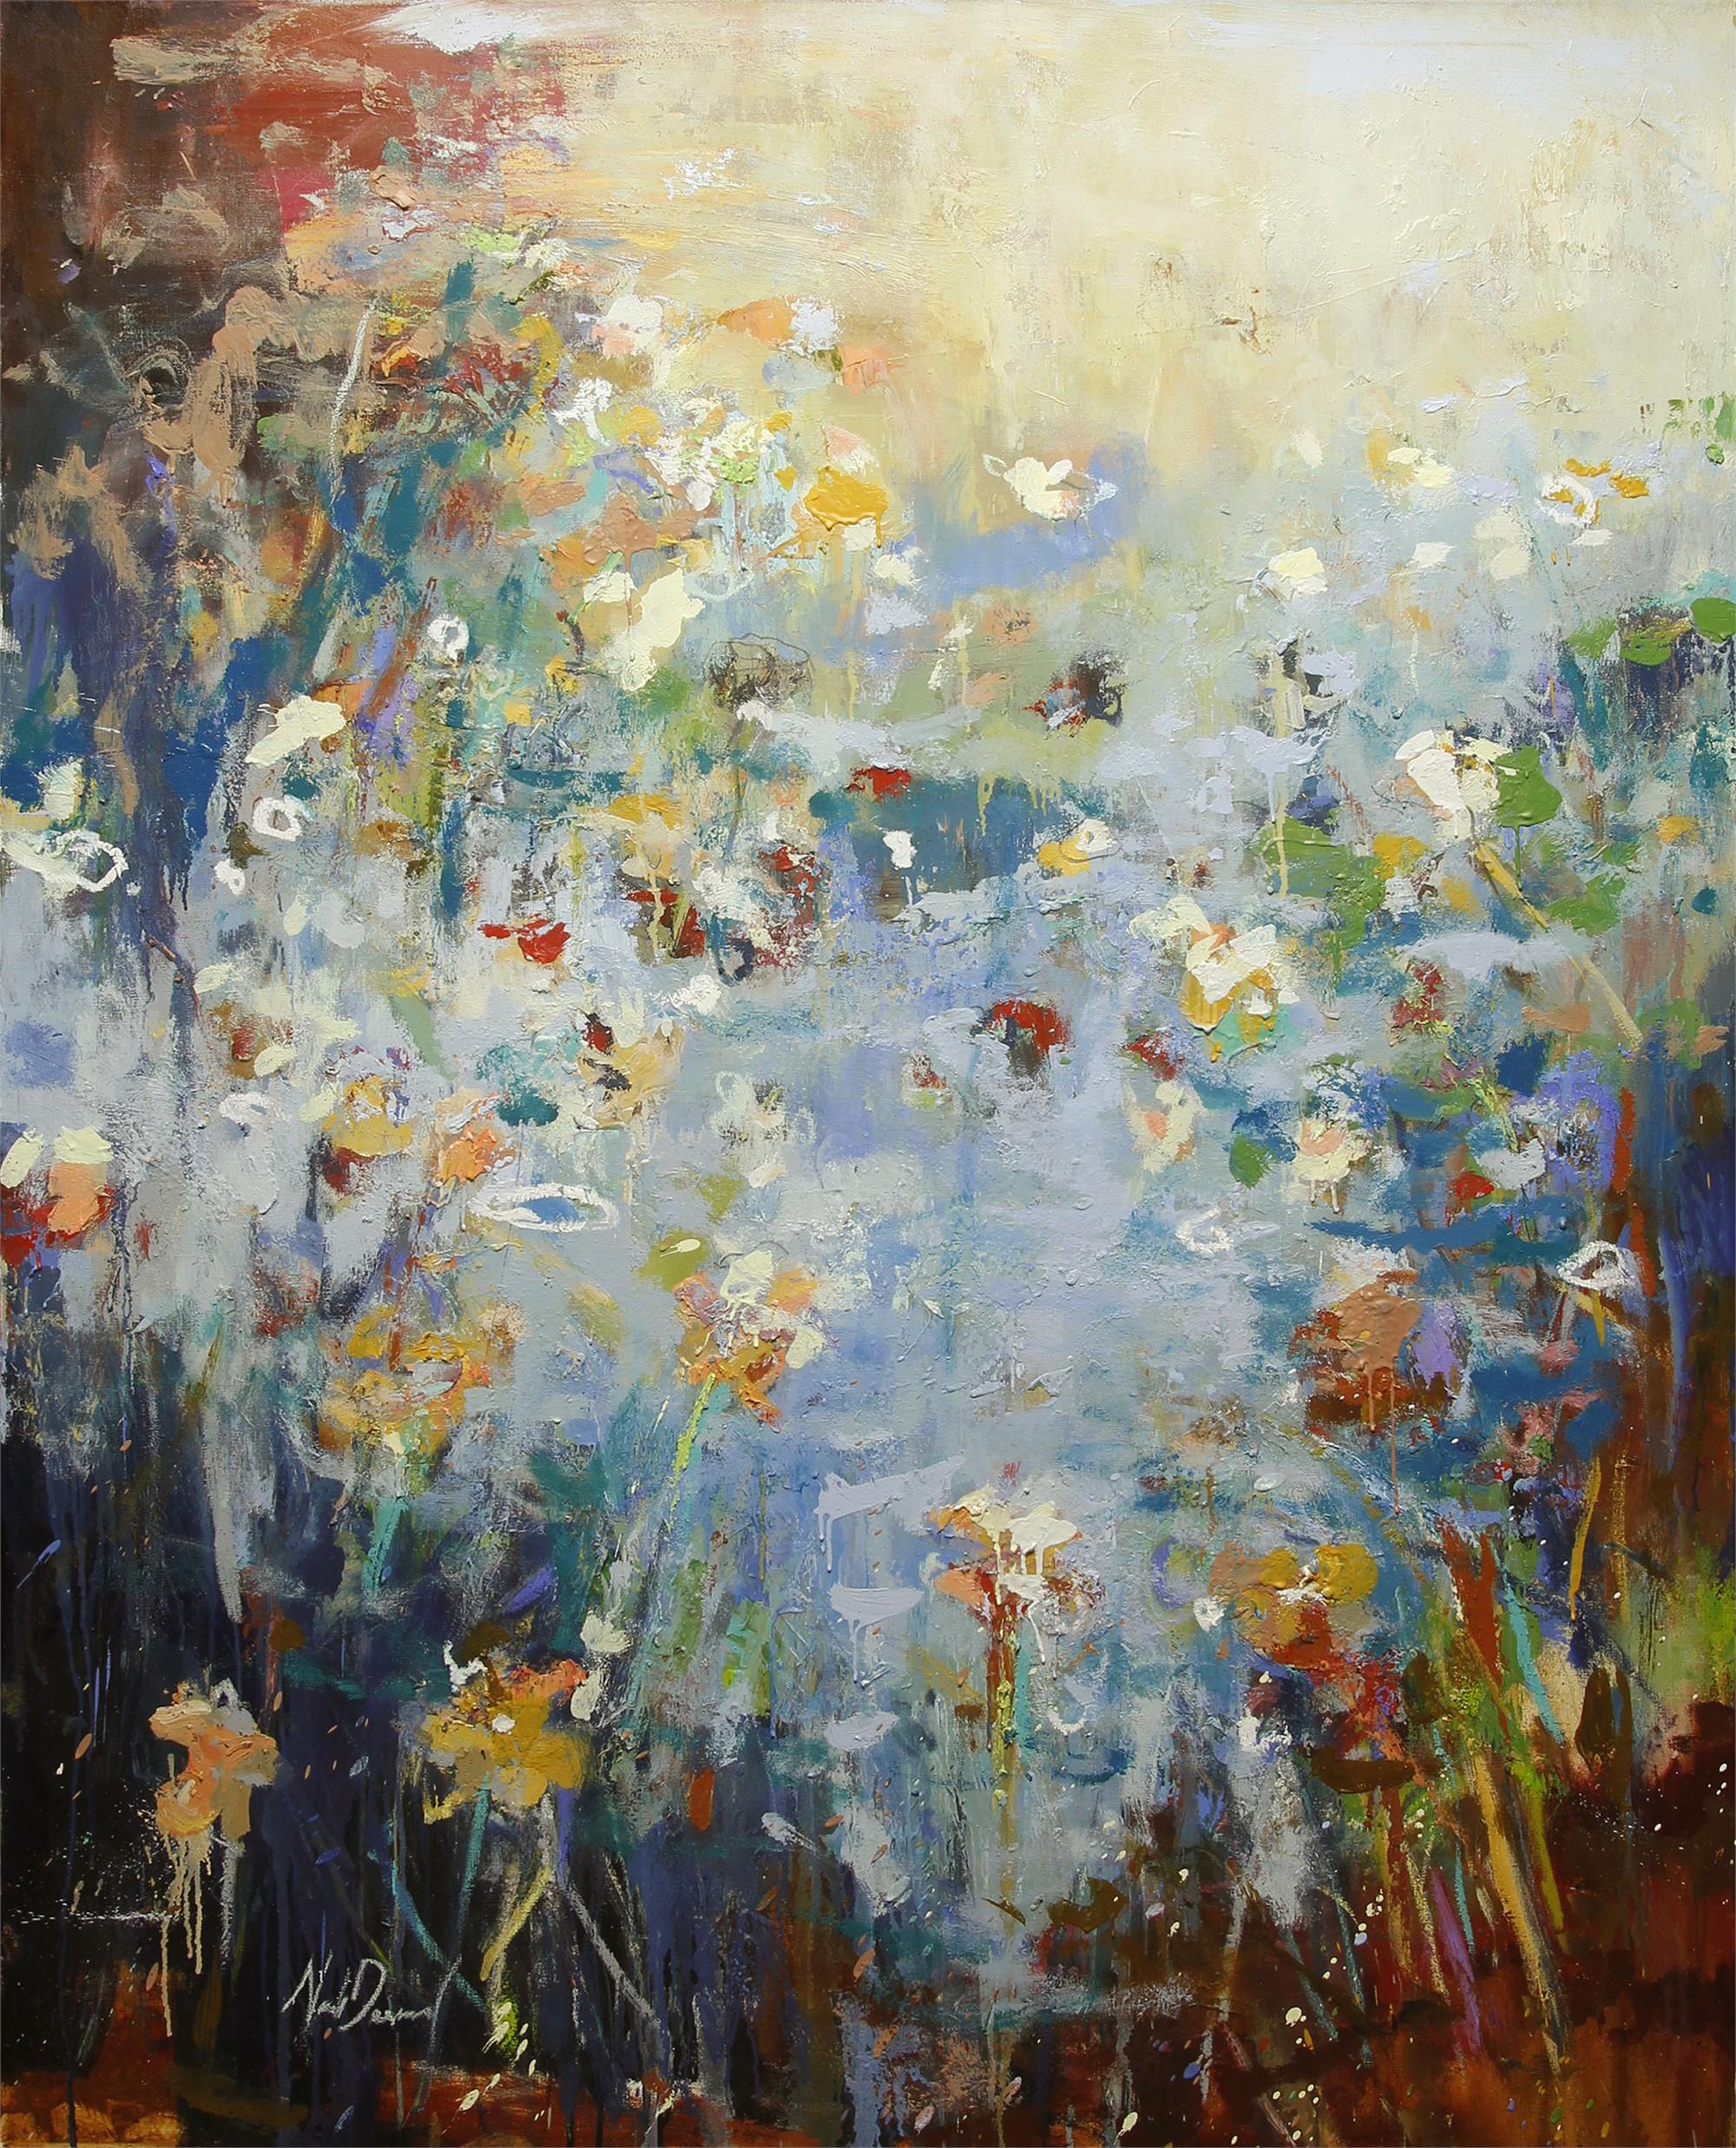 Passion Fields by Noah Desmond